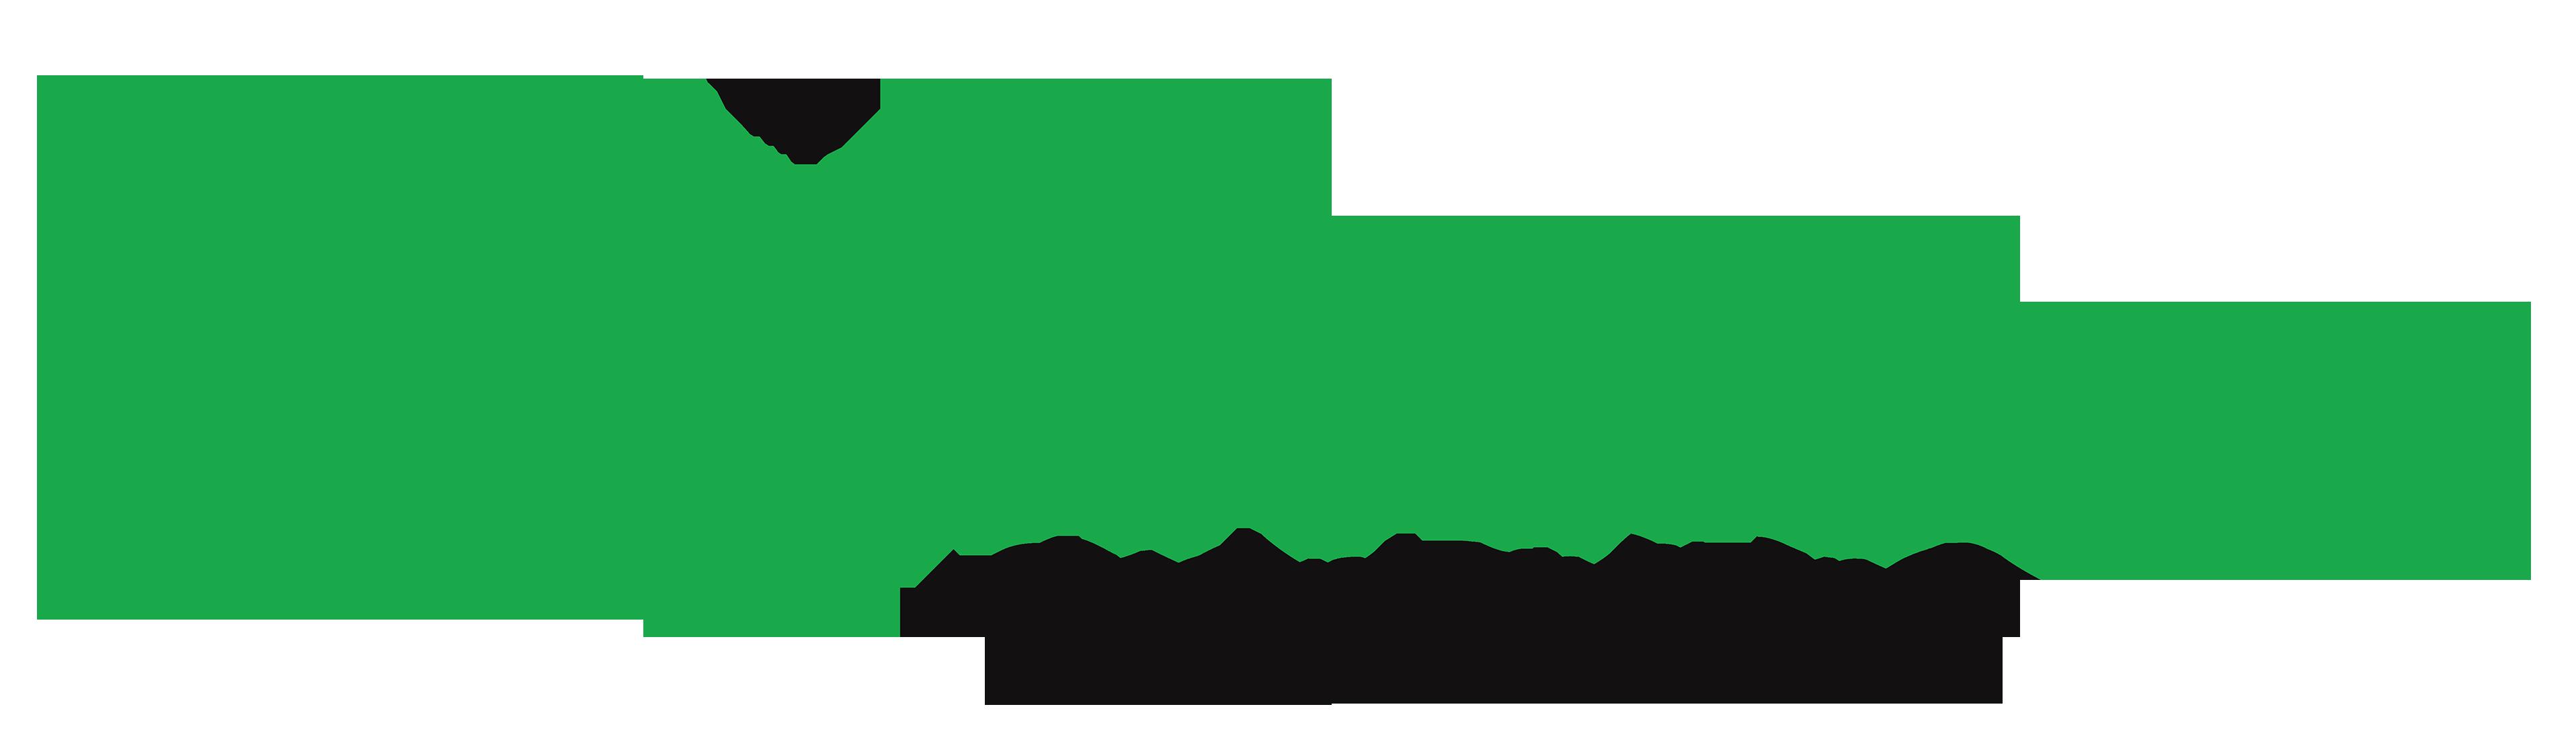 intellicorp-logo-livecompare-SAP